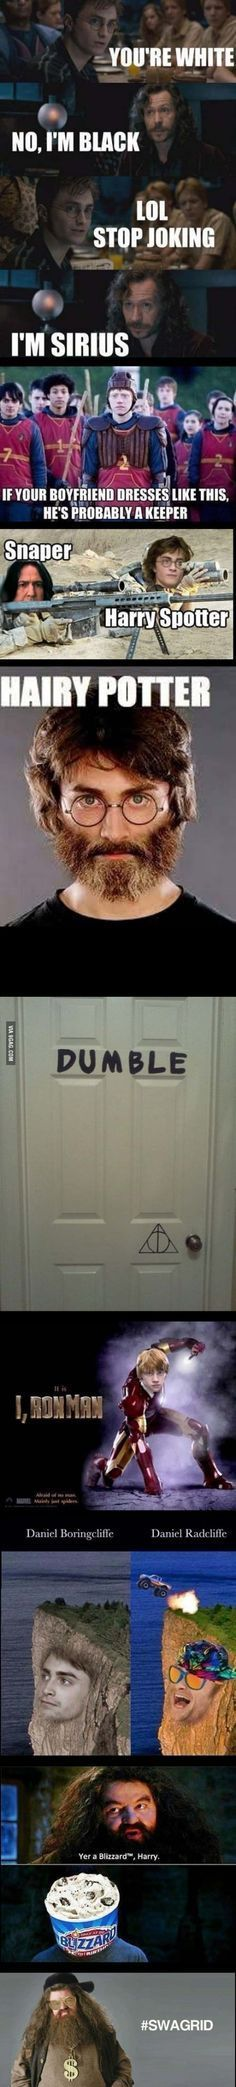 Harry Potter Wortspiele und Meme So dumm, dass Sie sich schlecht fühlen, wenn Sie …